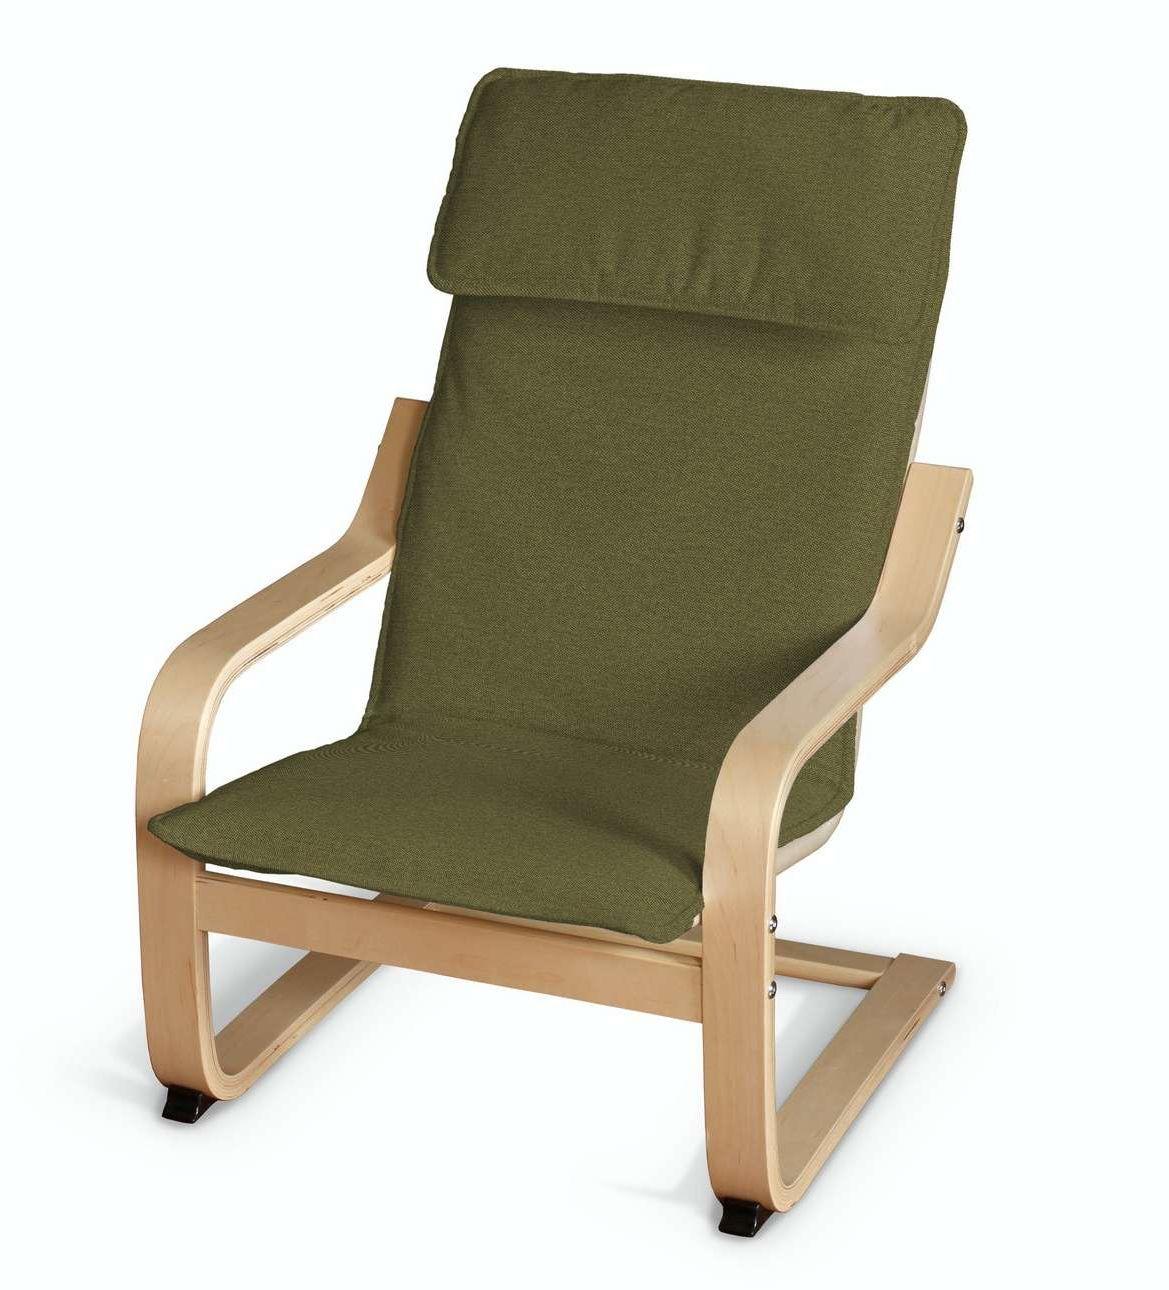 Poduszka na fotelik dziecięcy Poäng, oliwkowa zieleń, fotelik dziecięcy Poäng, Etna